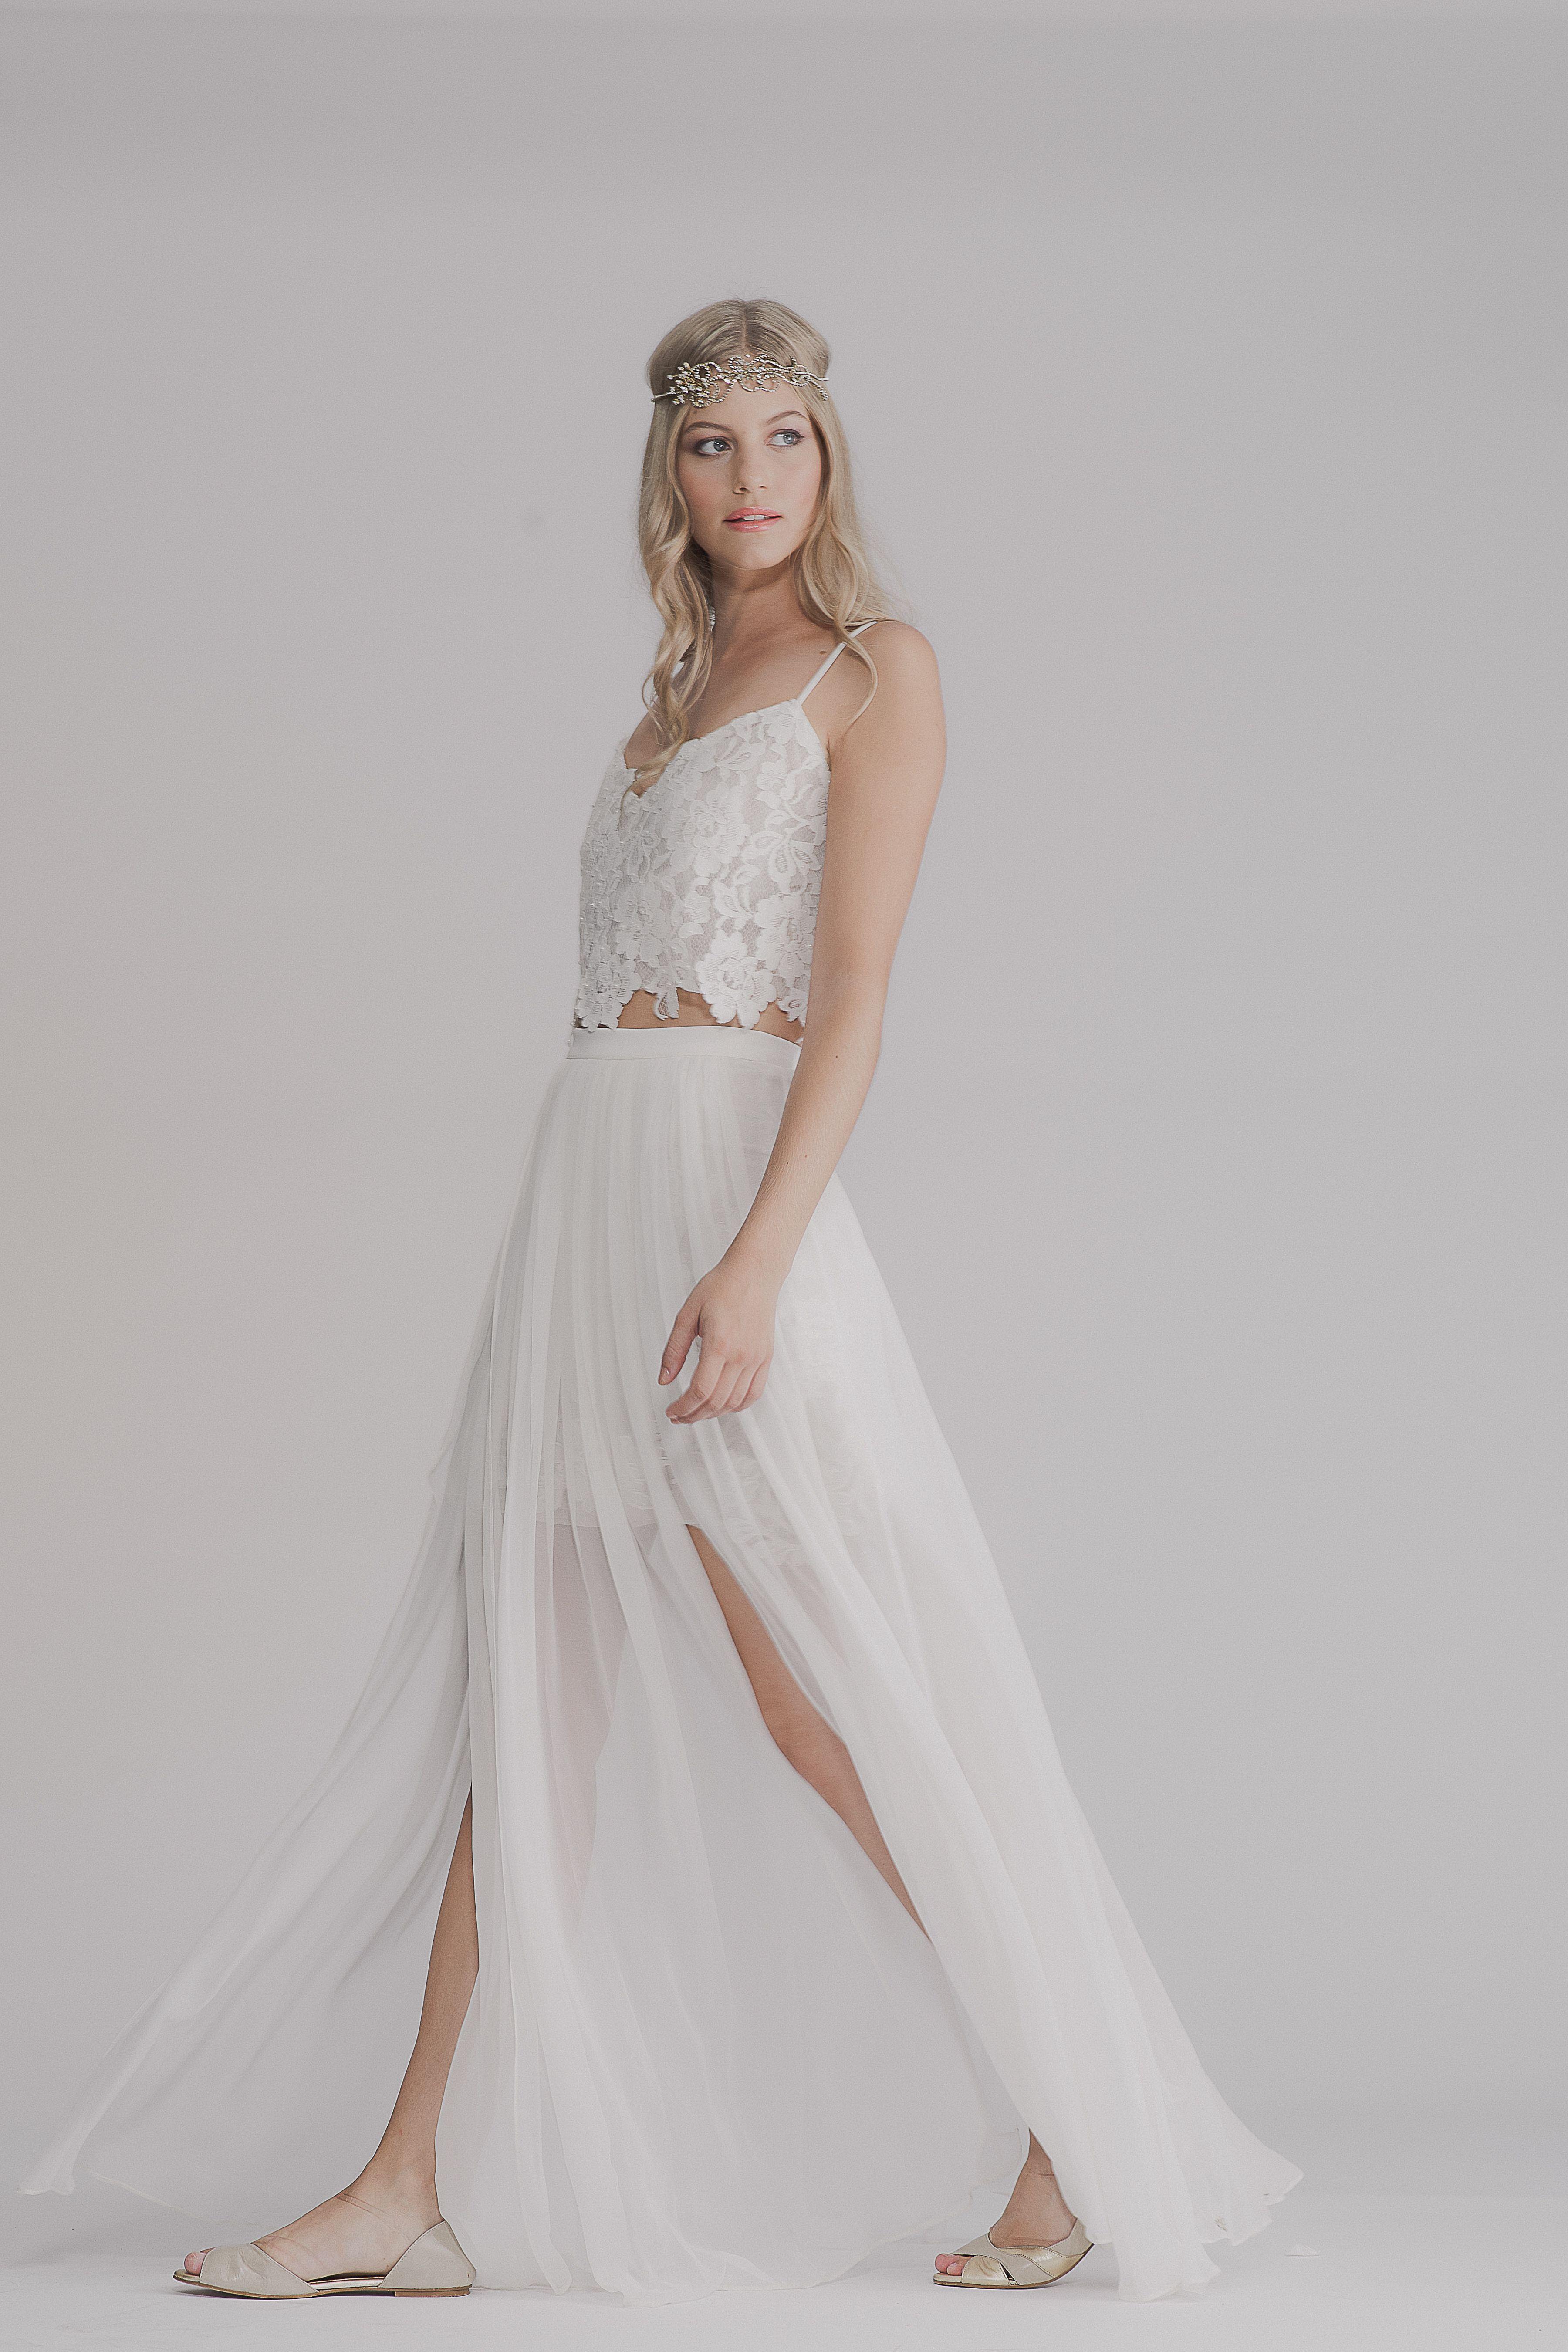 Lilyrose gown lace bohemian wedding dress bohemian